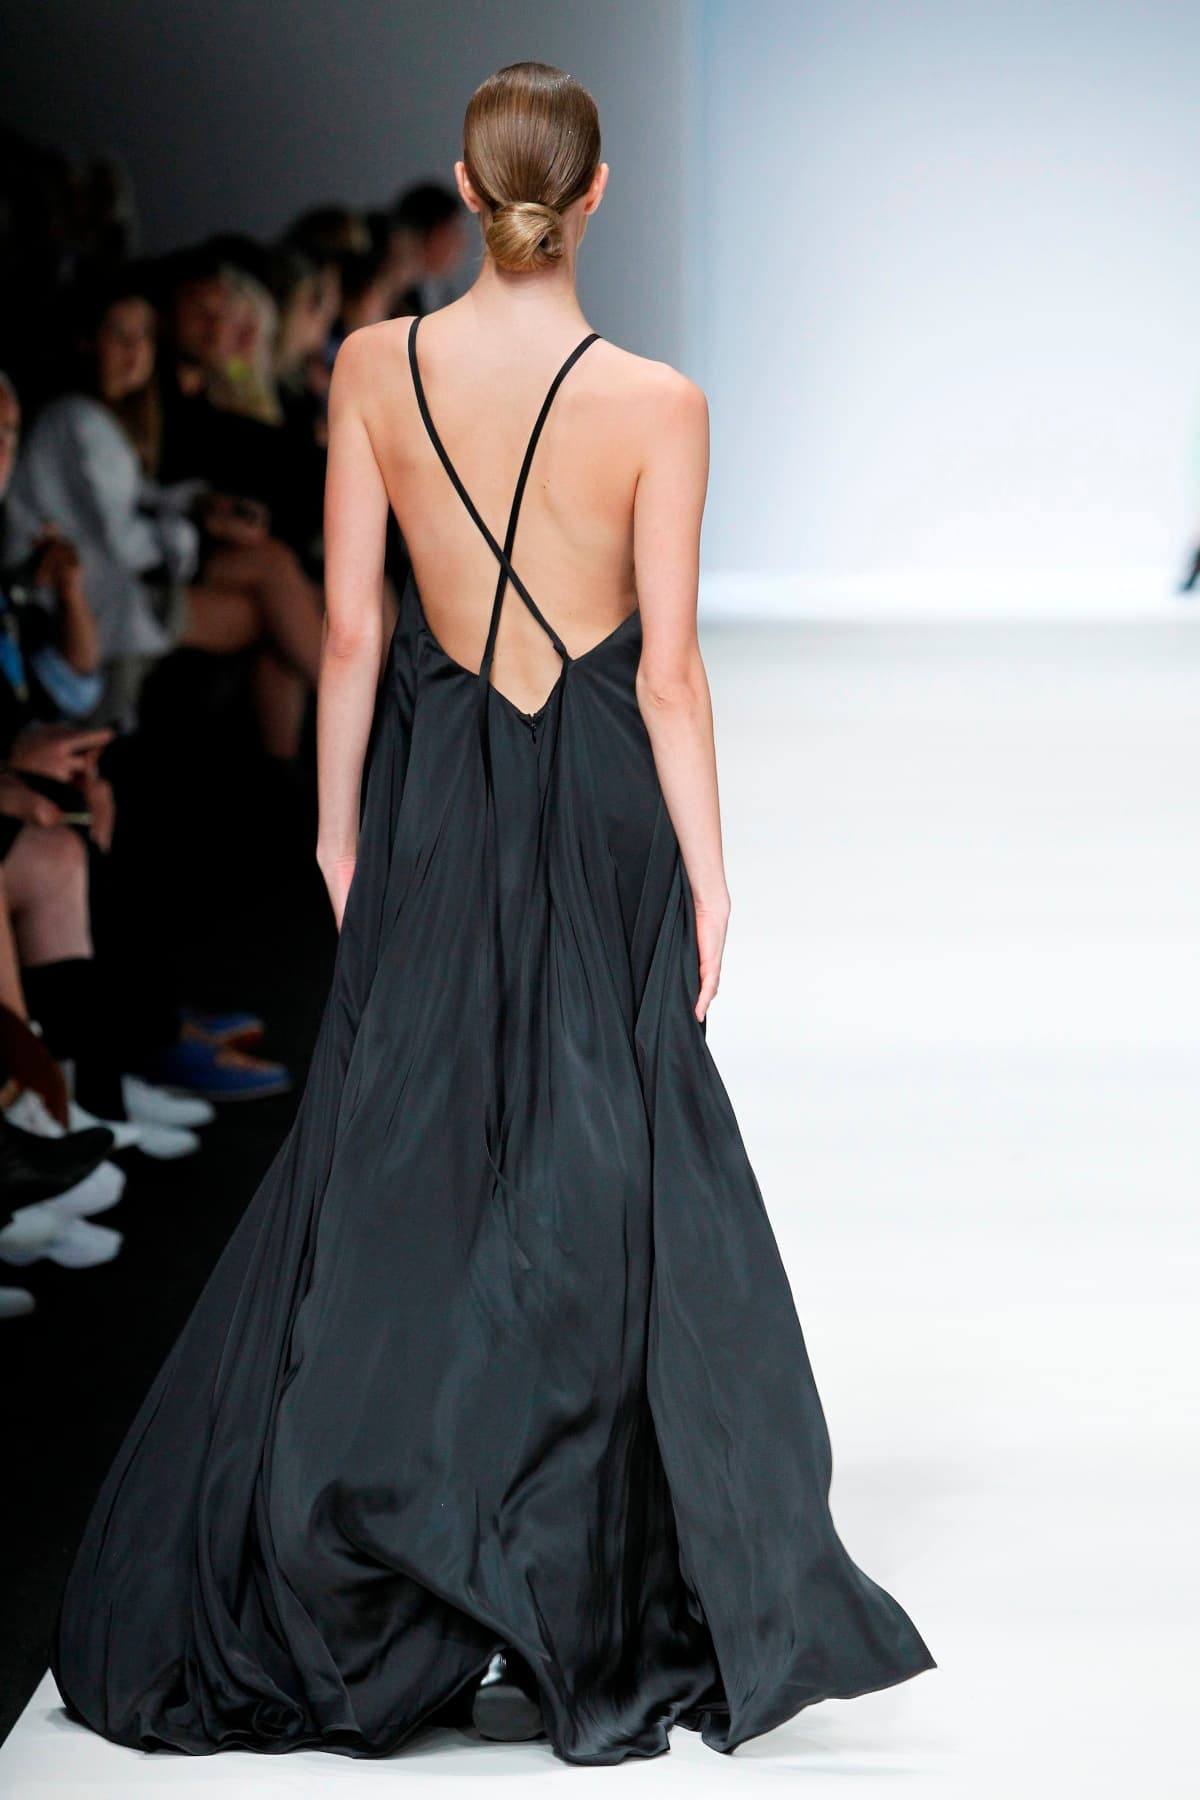 Michael MichalskyMode Frühjahr-Sommer 2020 zur Fashion Week Berlin Juli 2019 - 12